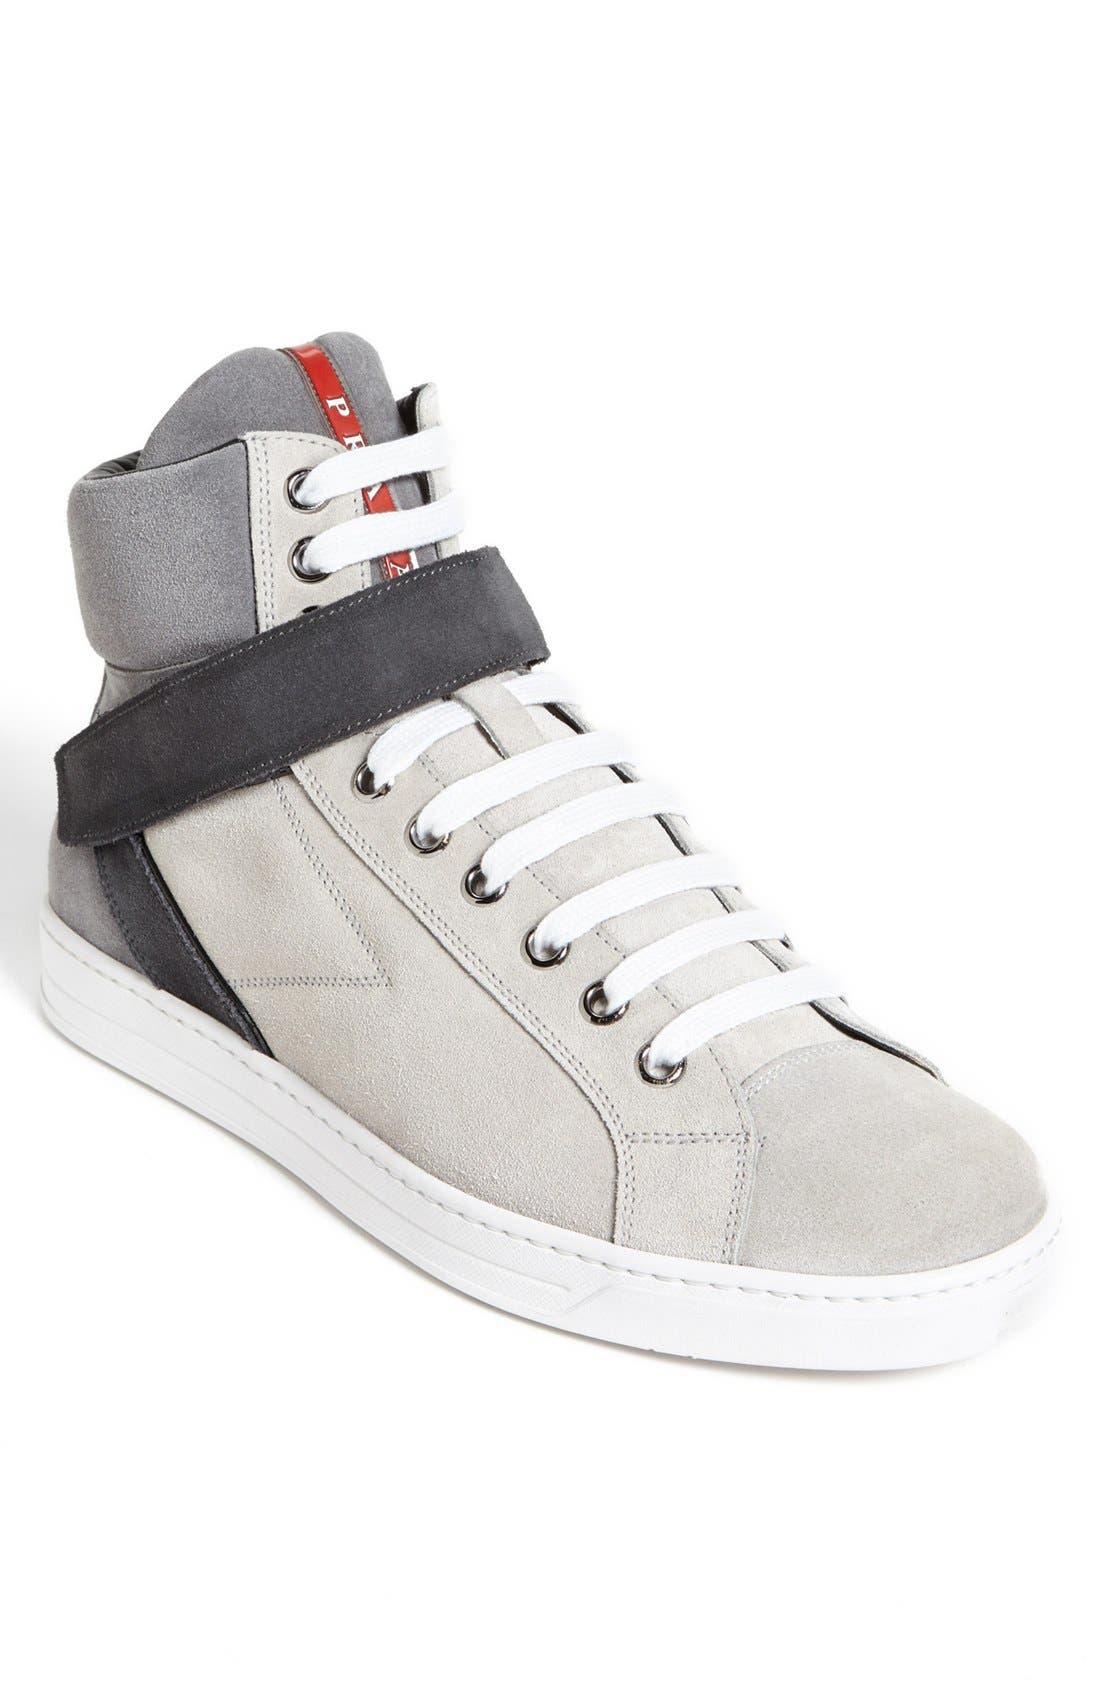 Alternate Image 1 Selected - Prada 'Avenue' High Top Sneaker